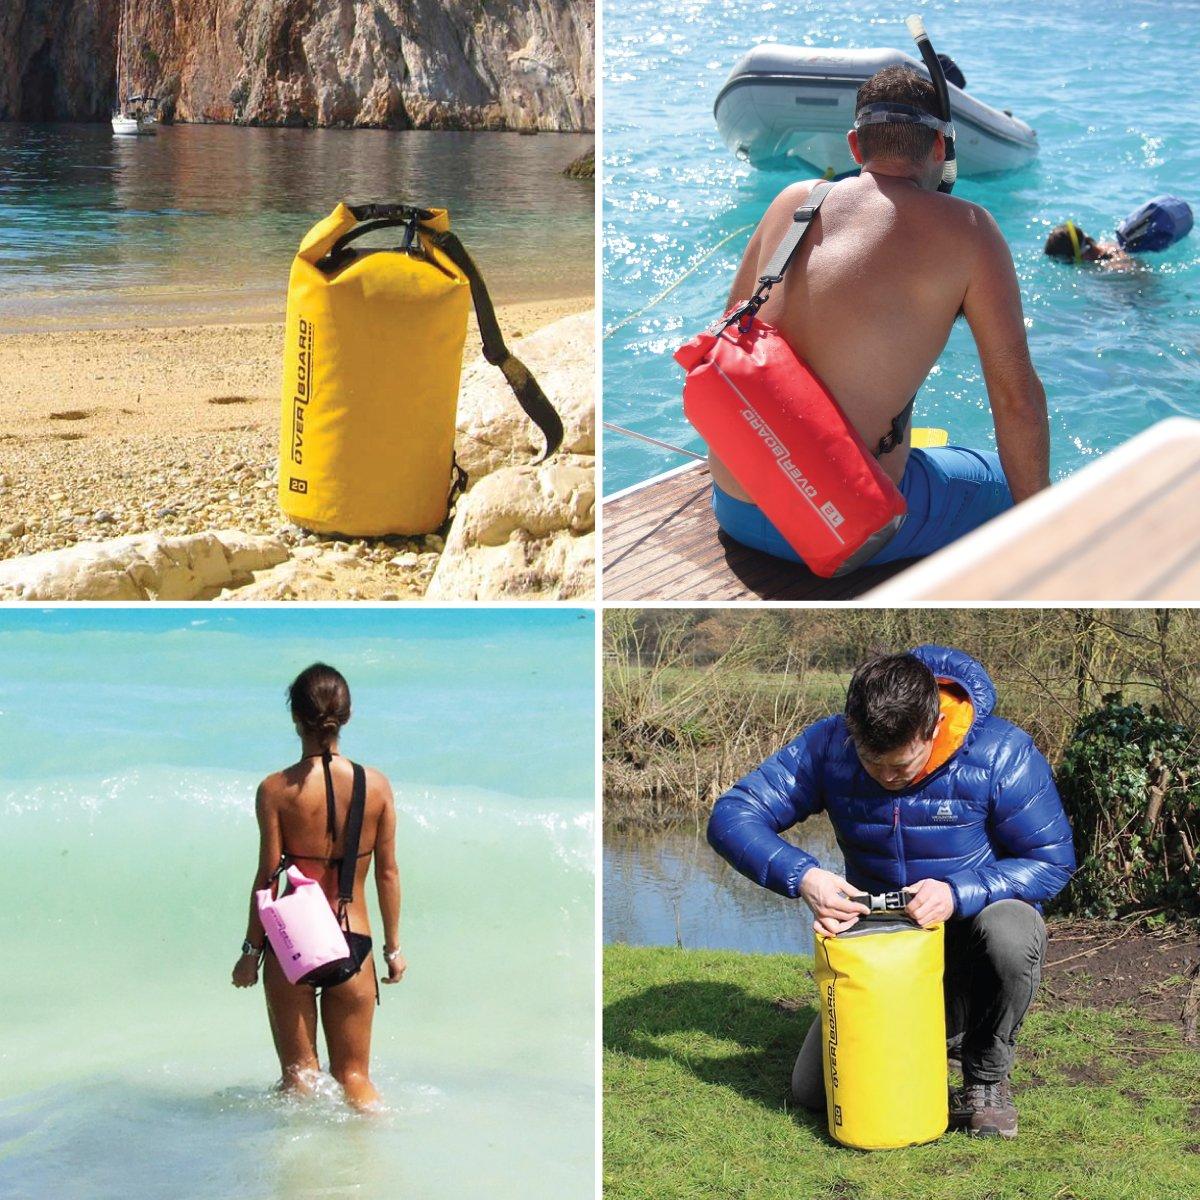 Angeln Kajak Schwimmen Camping und Snowboarden Overboard wasserdichte Trockenr/öhrentasche mit verstellbarem Schulterriemen zum Bootfahren Rafting